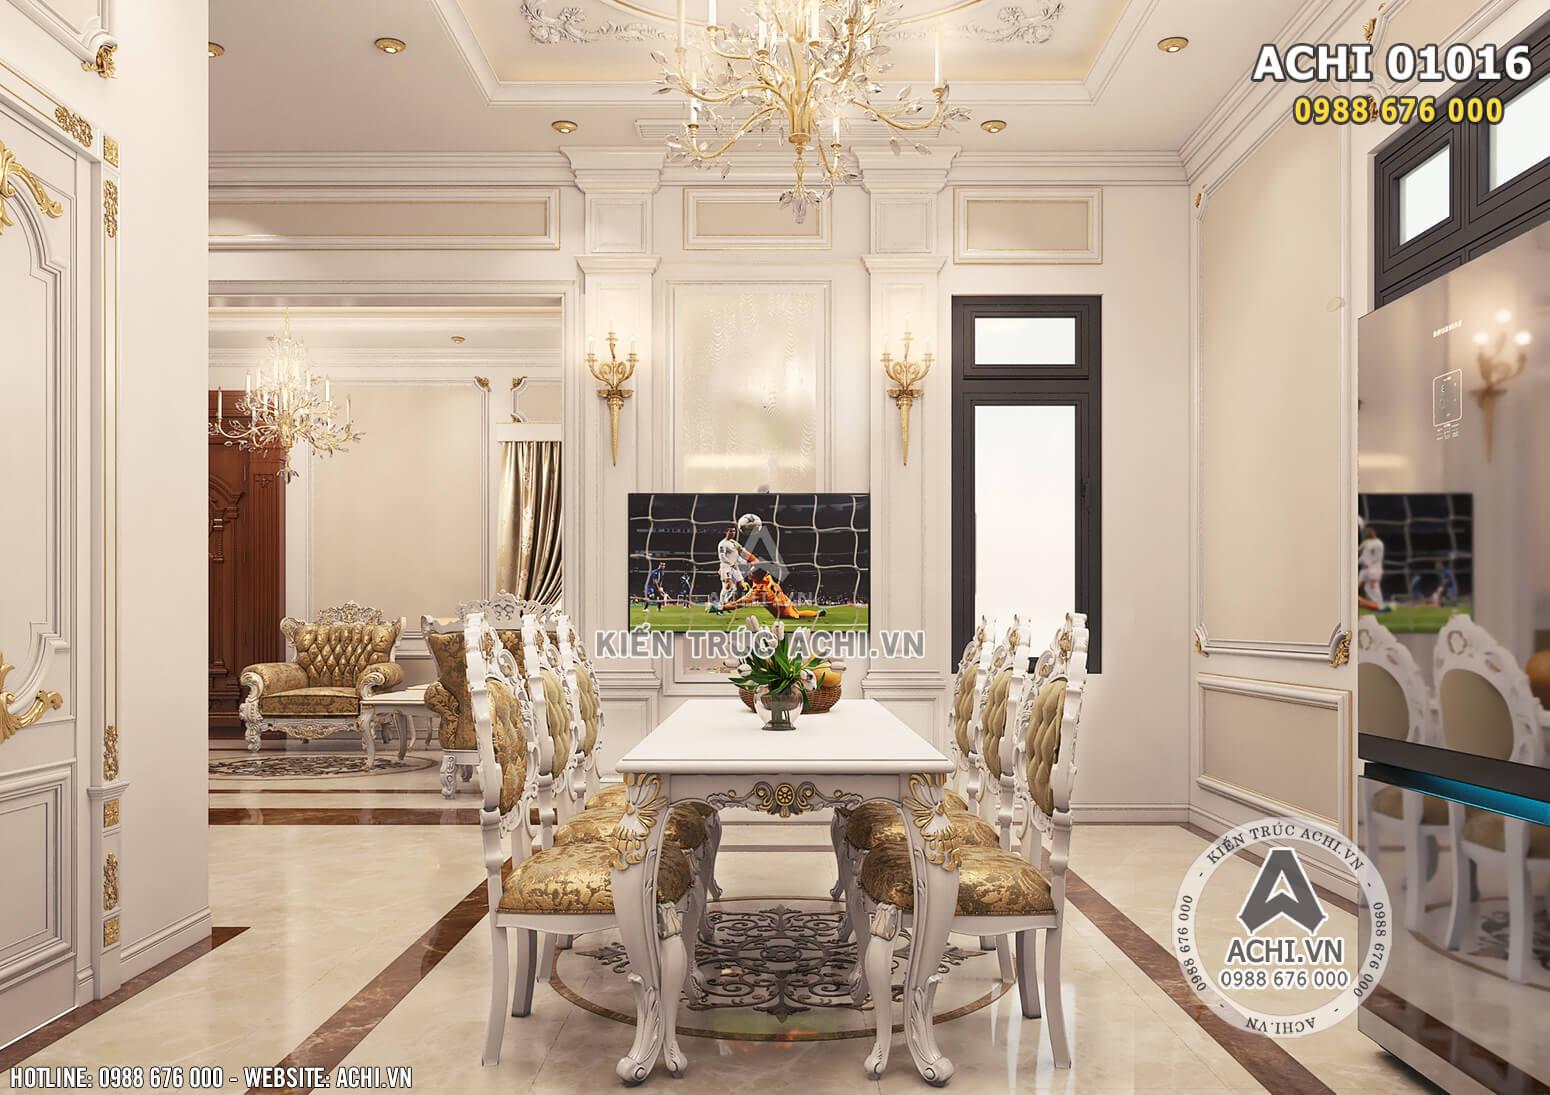 Hình ảnh: Không gian phòng bếp - ACHI 01016